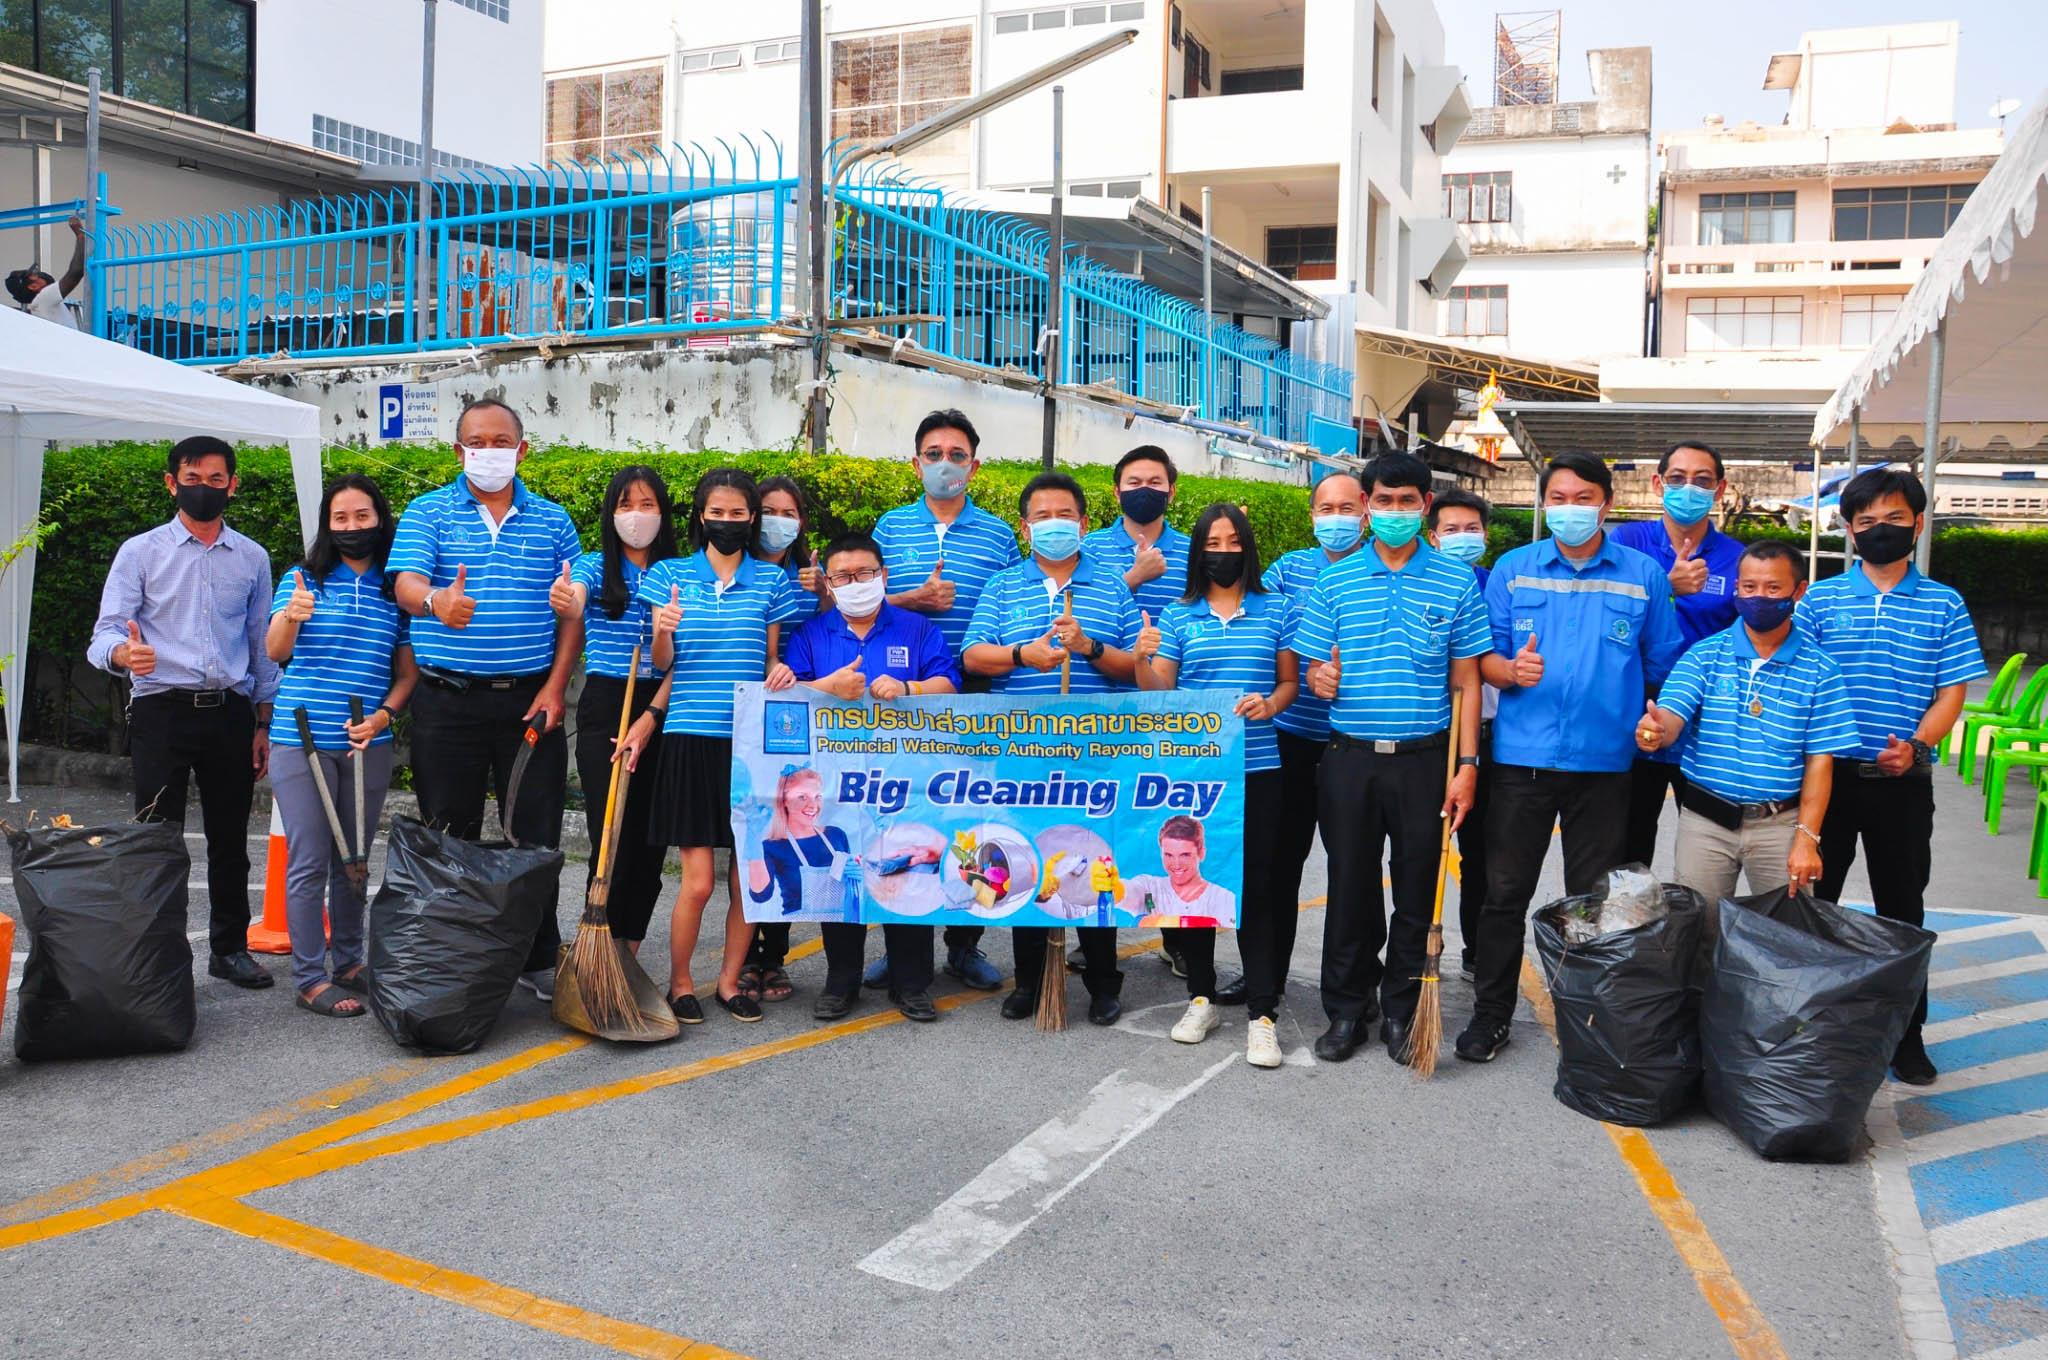 การประปาส่วนภูมิภาคสาขาระยอง จัดกิจกรรม Big Cleaning Day